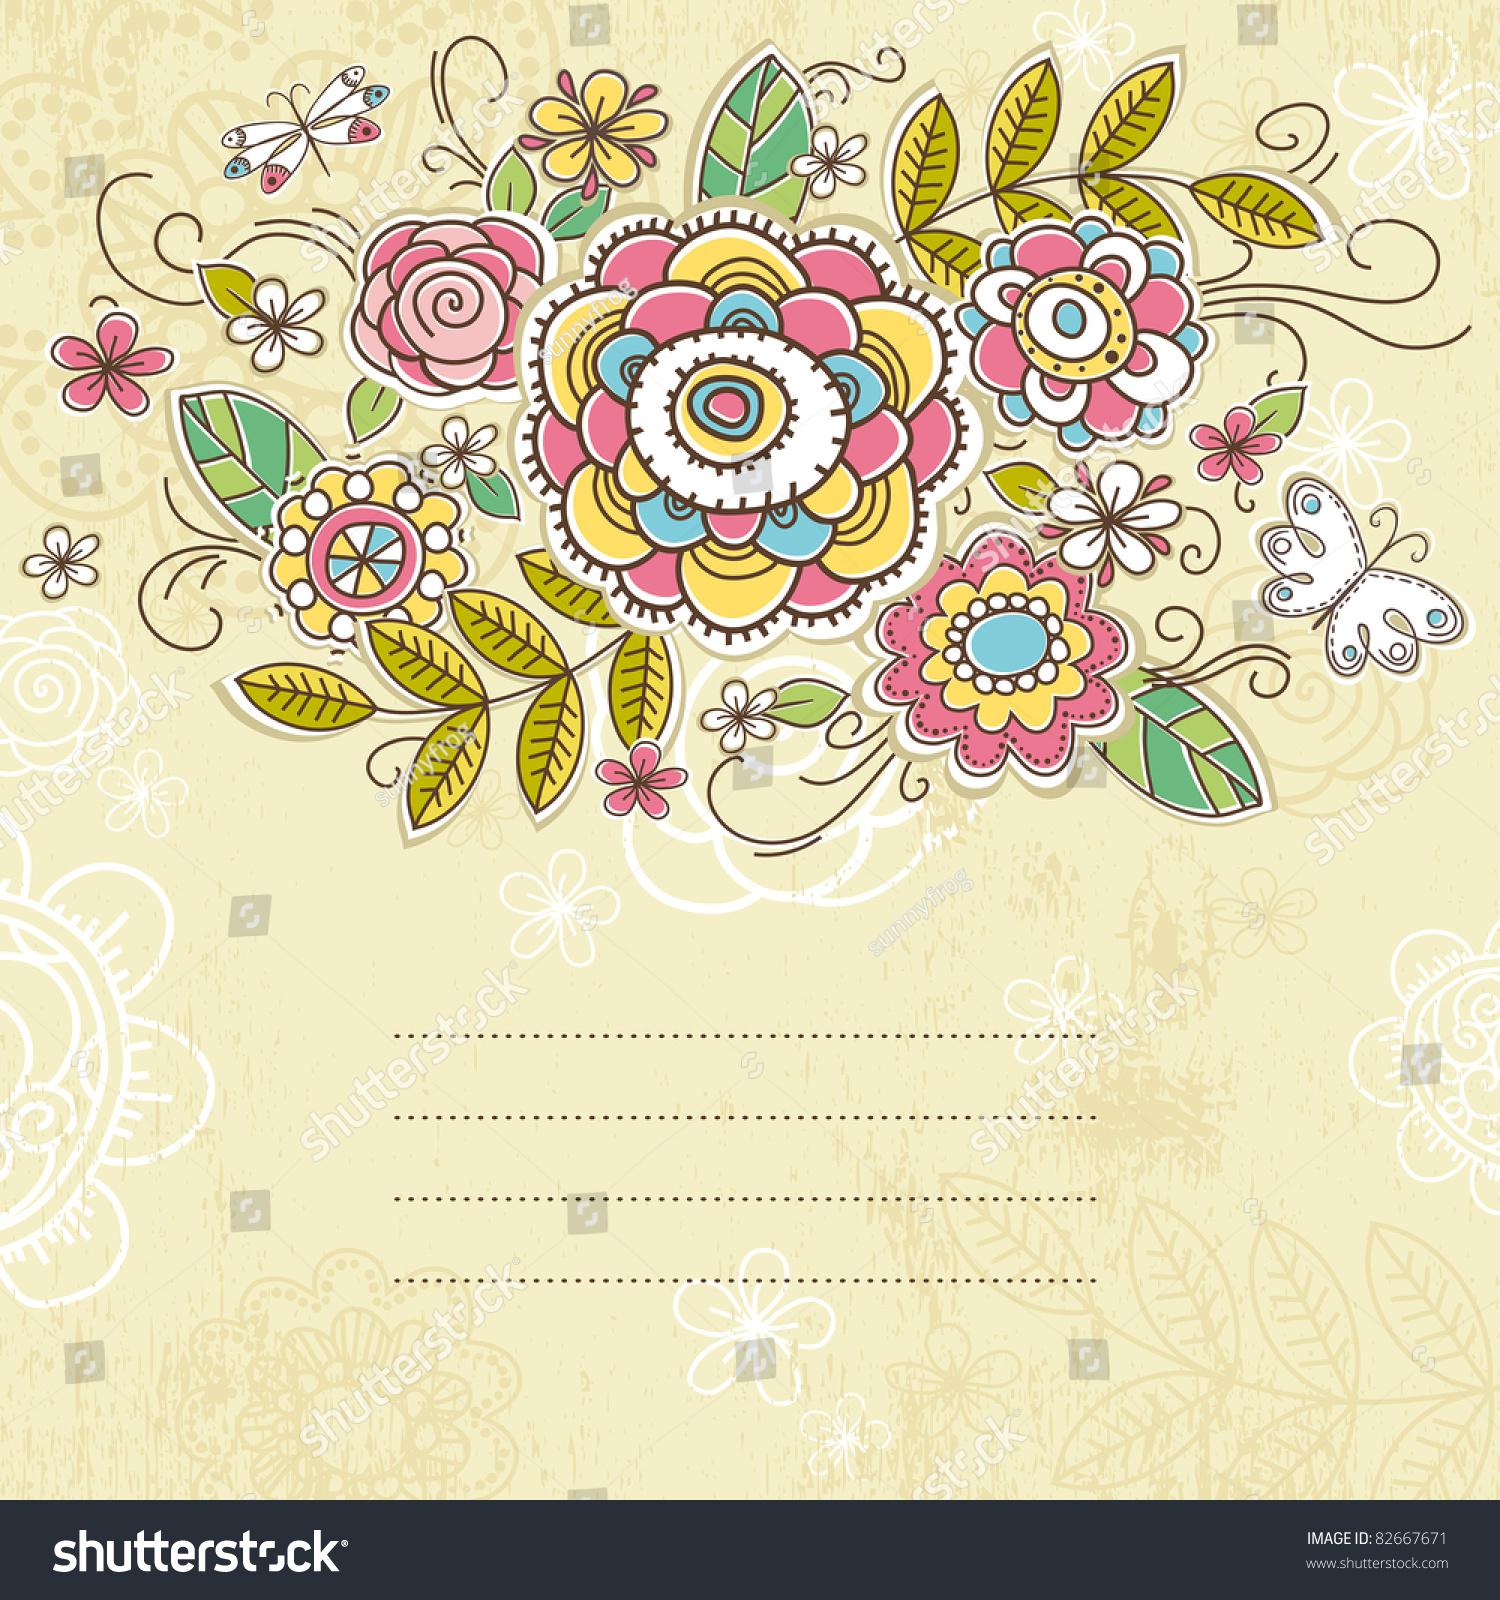 背景的手绘花朵,矢量插图-背景/素材